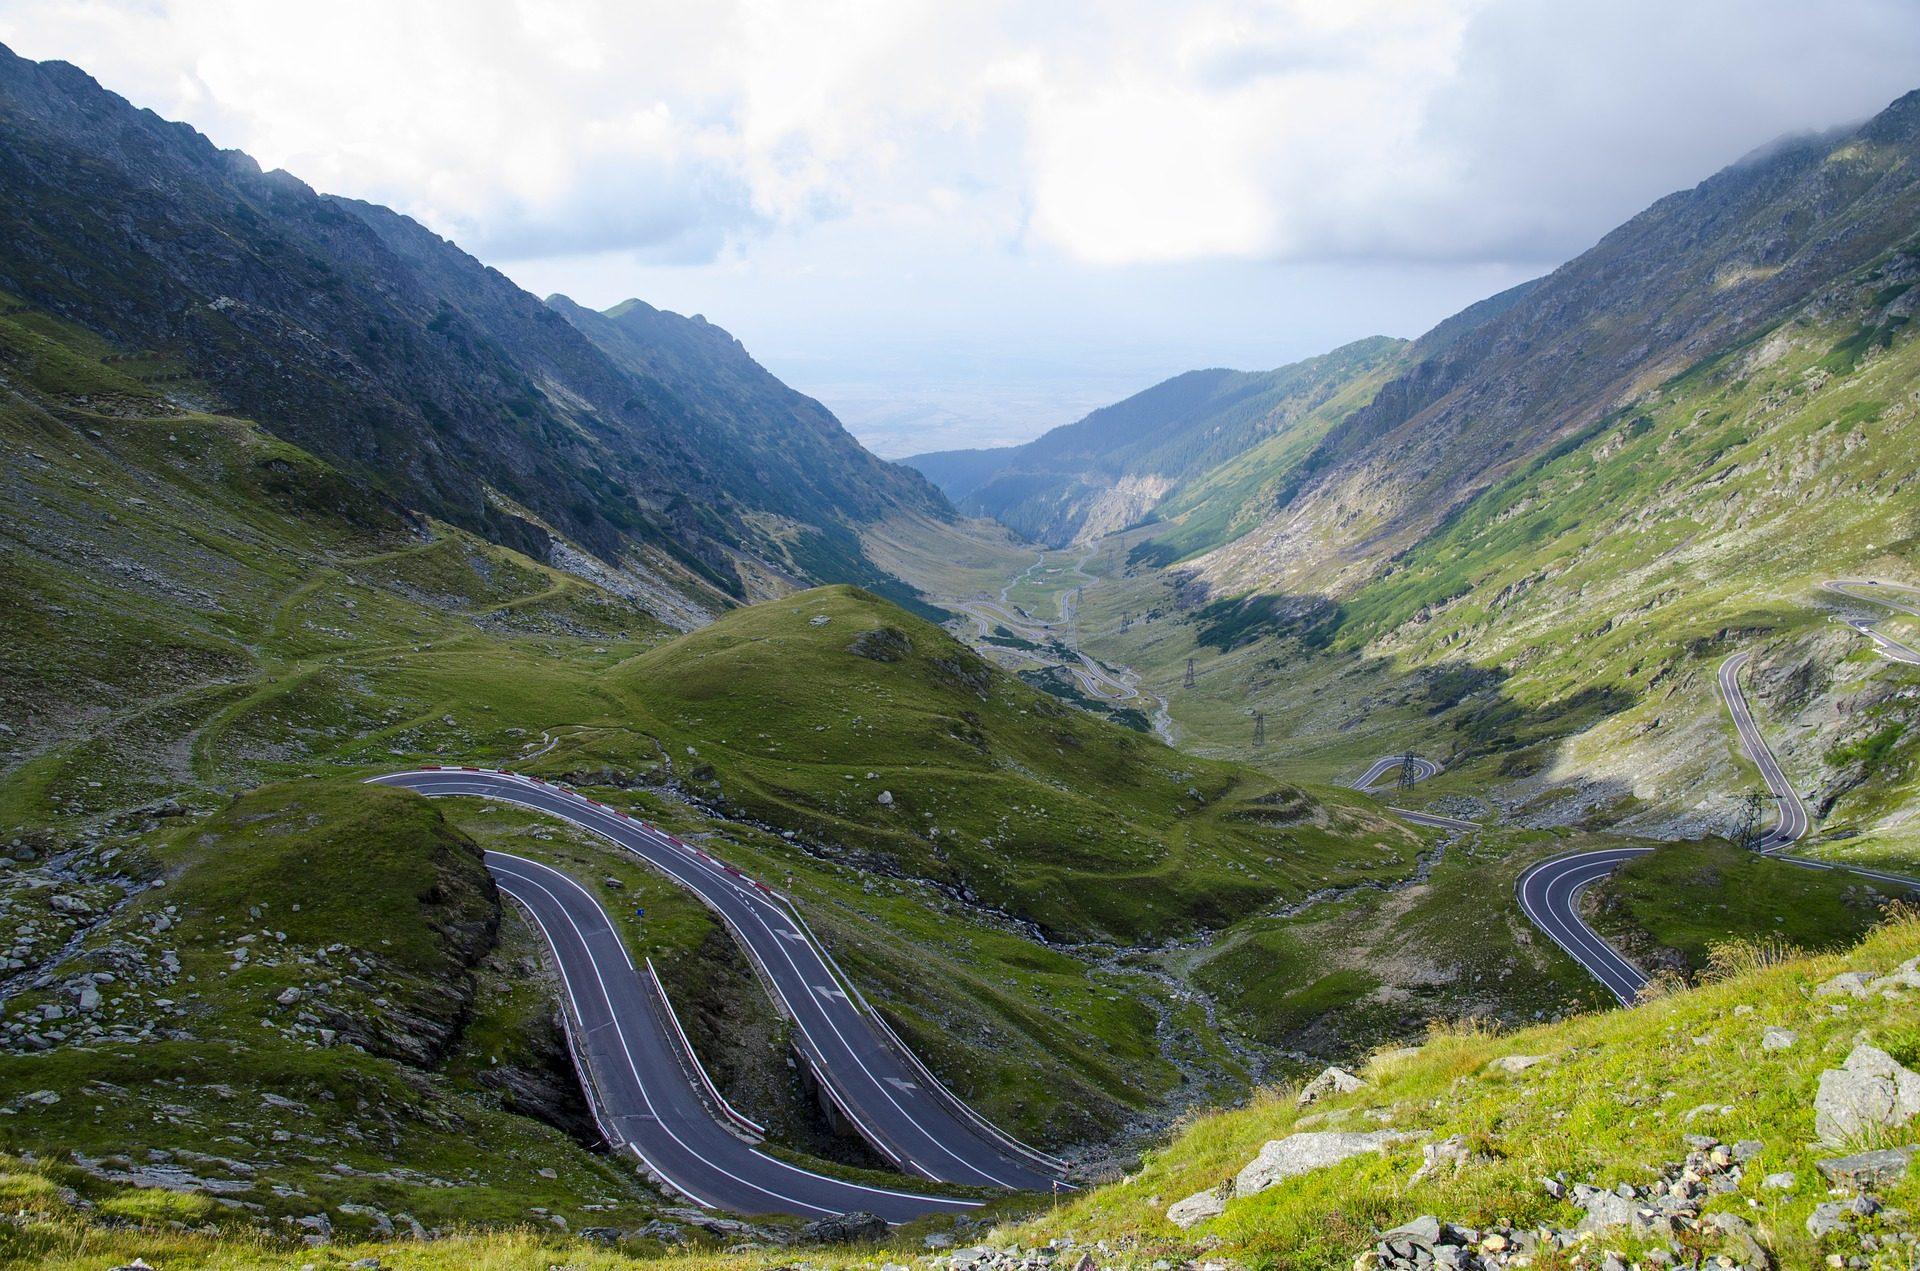 montanhas, carretera, curvas, viagens, viagem, Estrada - Papéis de parede HD - Professor-falken.com